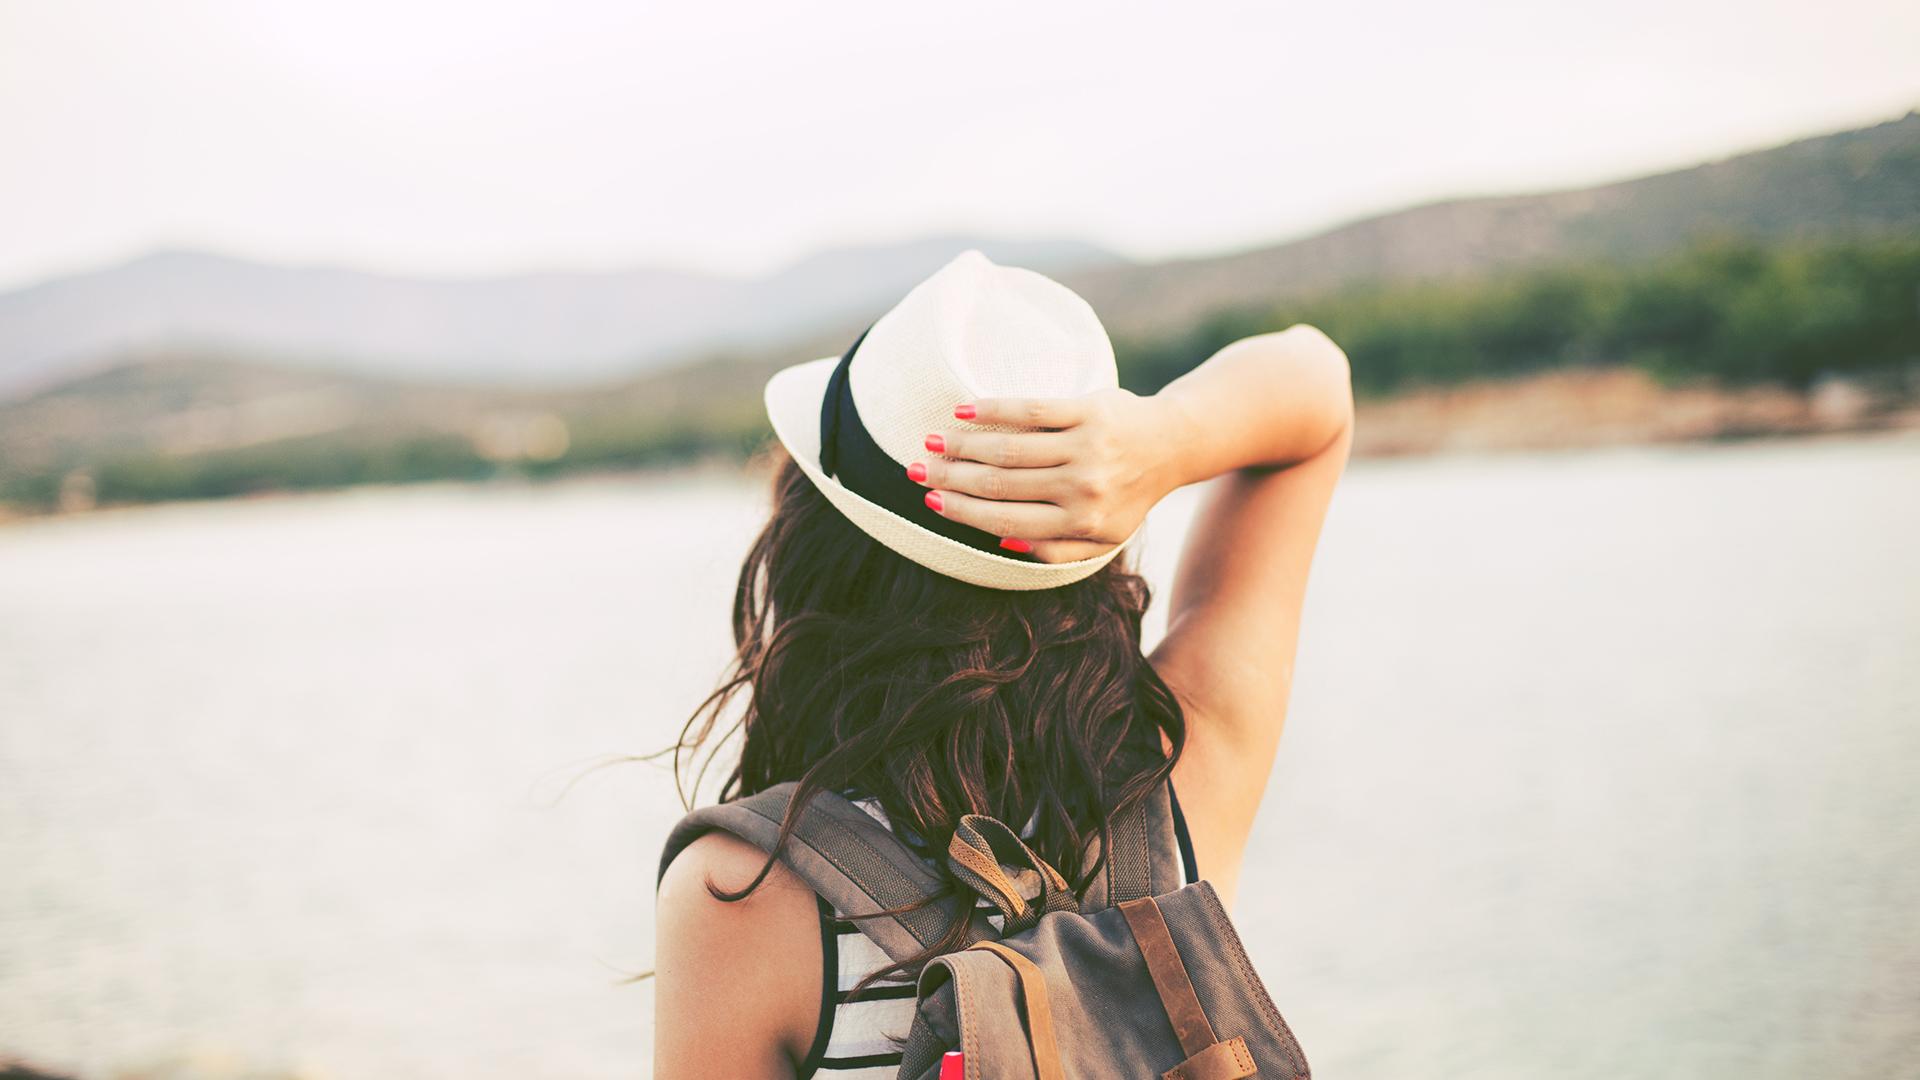 En la Argentina, según una encuesta realizada por Eventbrite, la mitad de las mujeres eligen viajar con amigas o solas